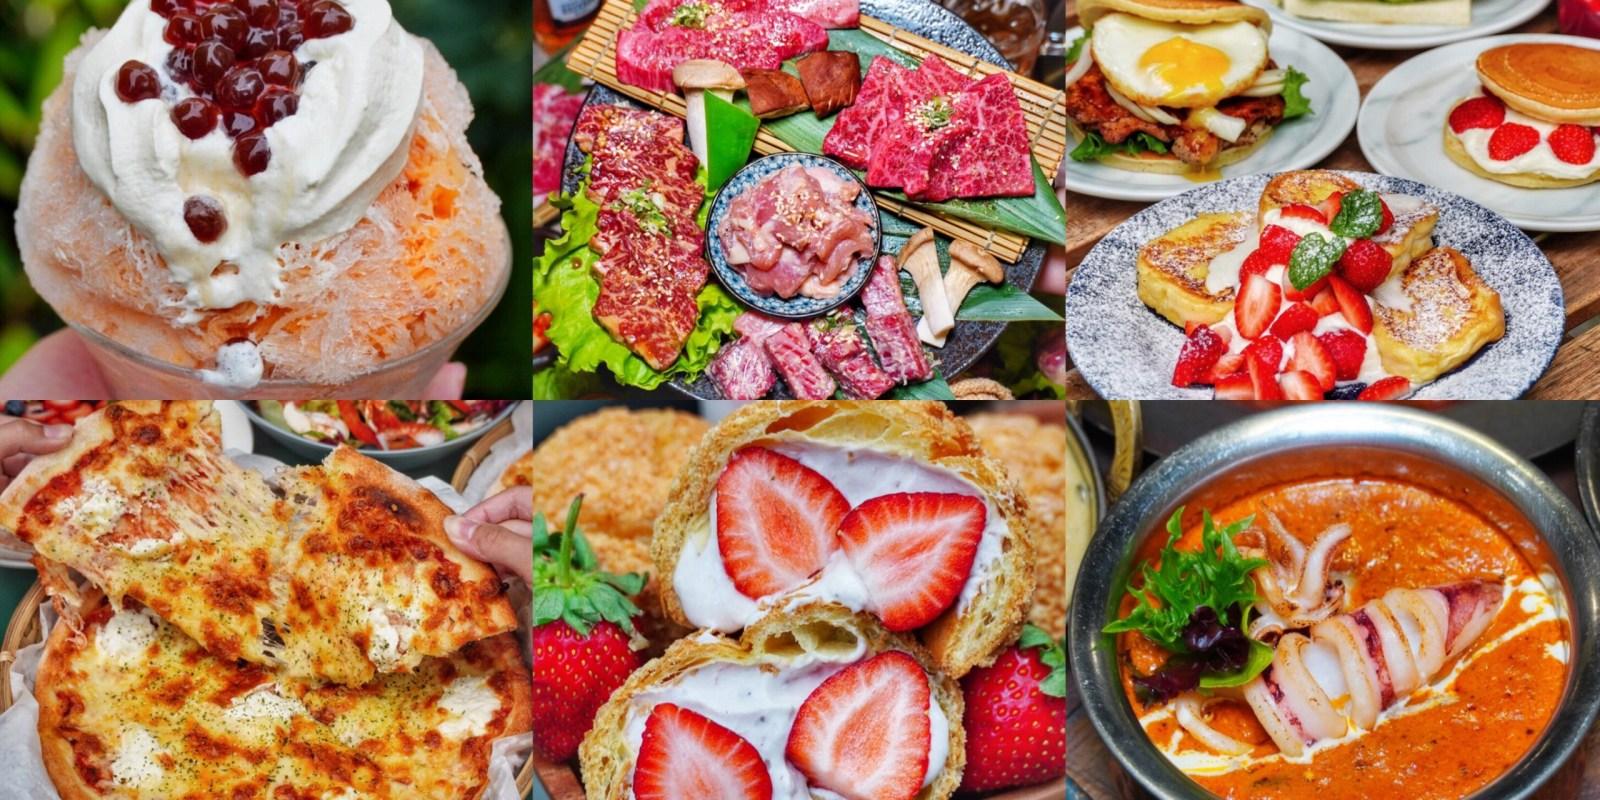 【嘉義美食】嘉義市立美術館周邊六家美食攻略!!! 超牽絲起司比薩、燒肉、印度咖哩 從早餐到晚餐全包 嘉義火車站